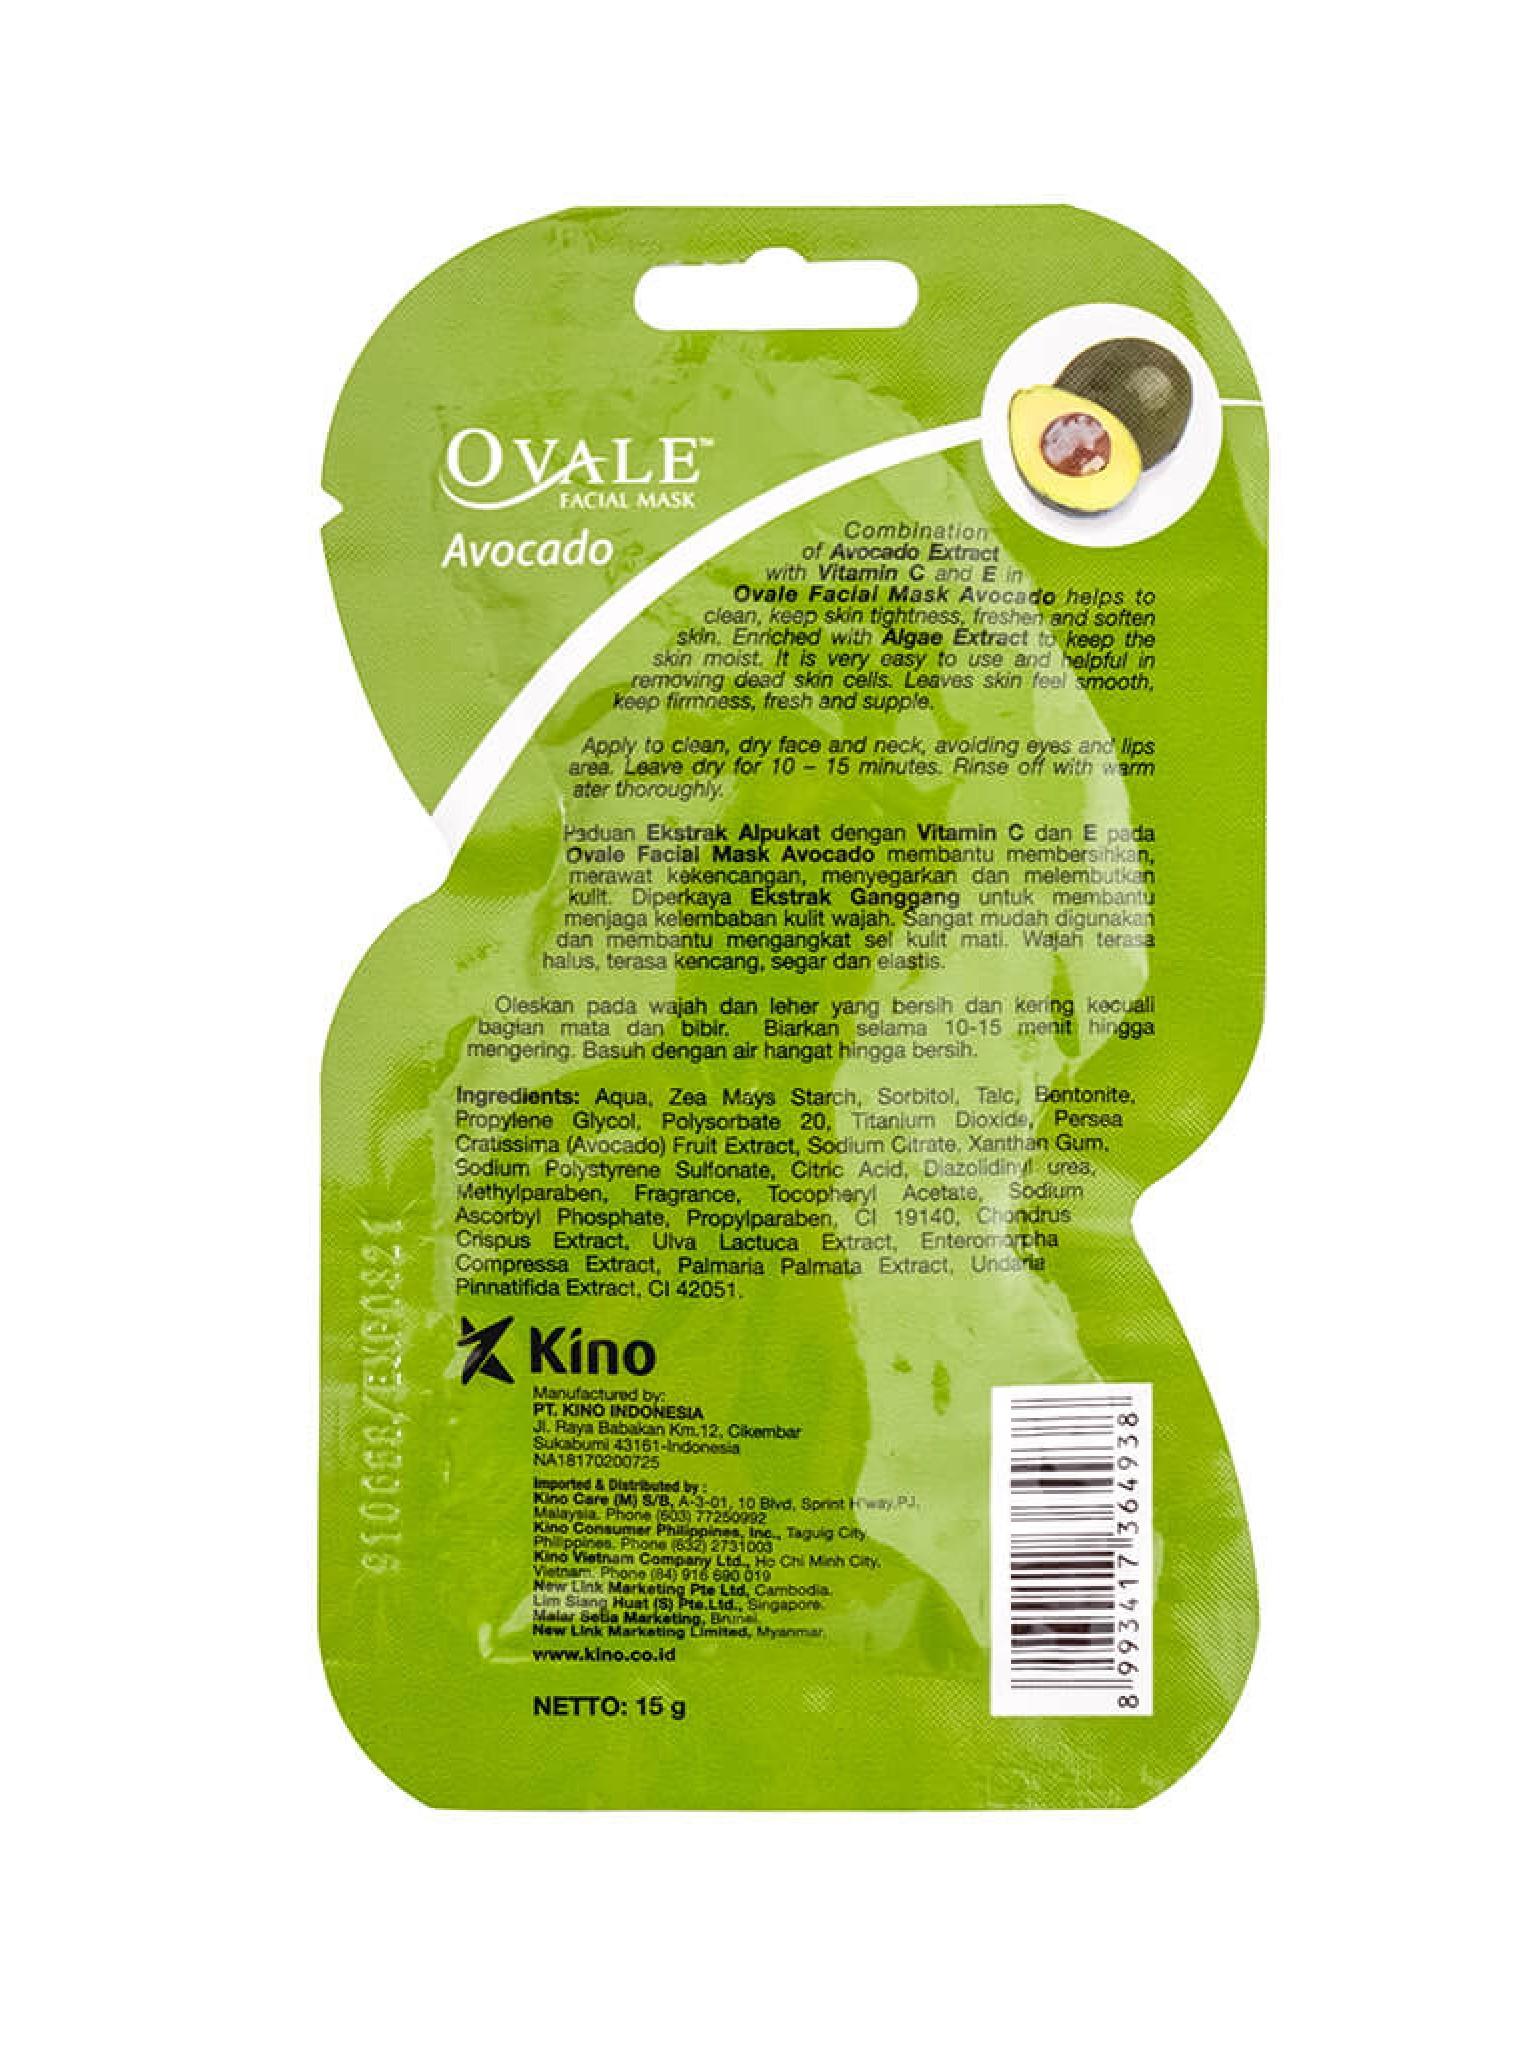 Маска для придания упругости и разглаживания кожи лица с экстрактом авокадо и витаминами С, Е